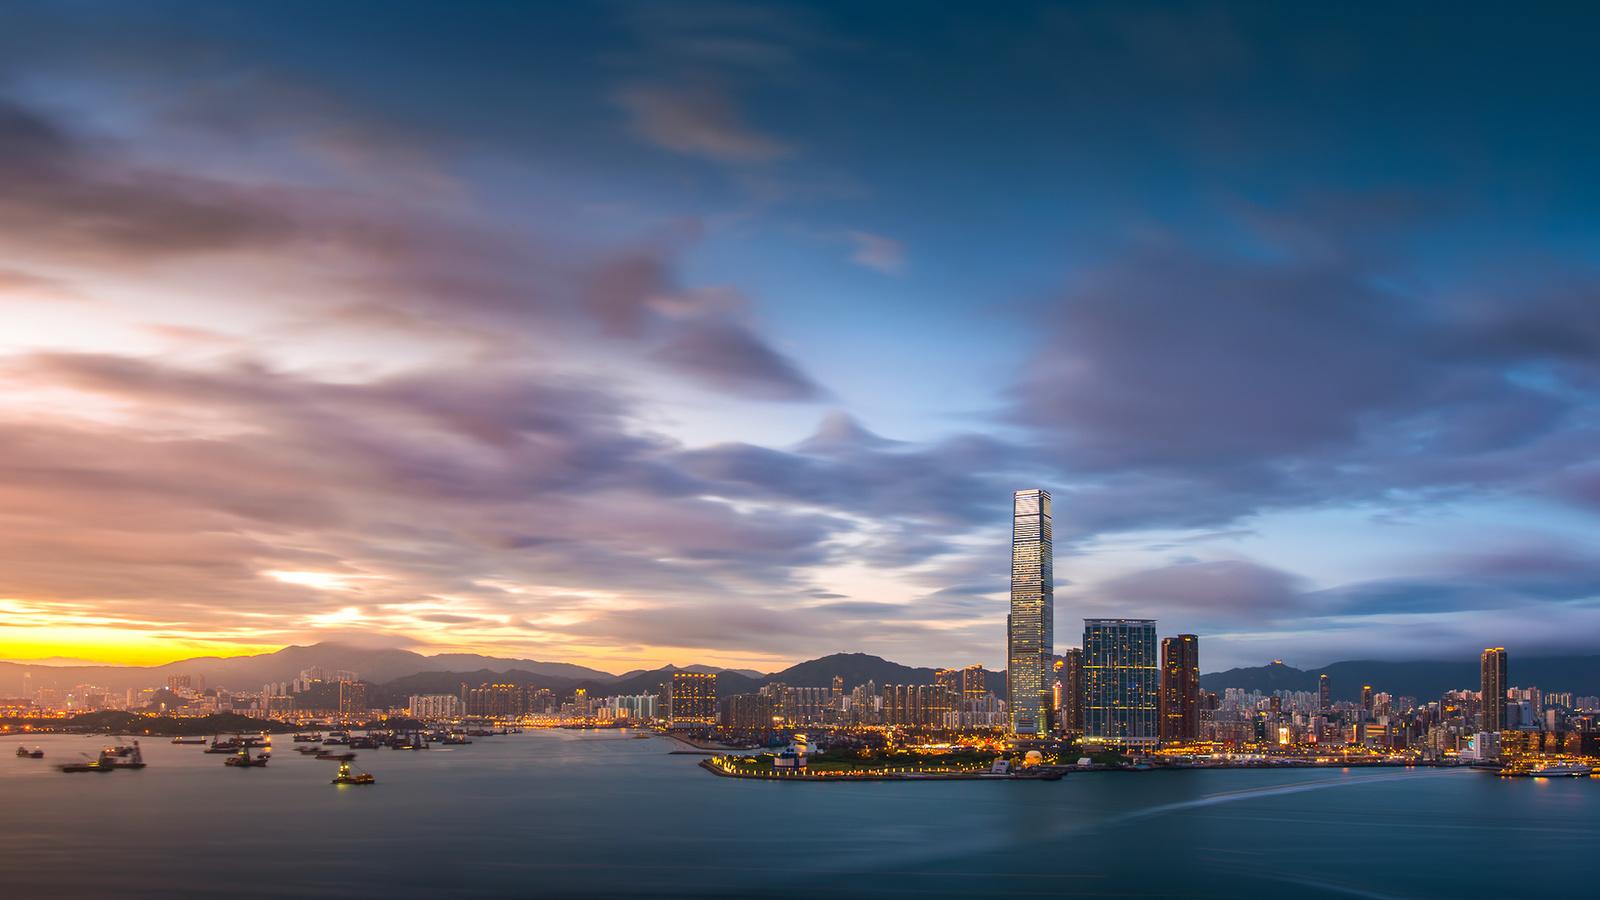 здания, Гонконг, огни, облака, залив, вечер, небо, закат